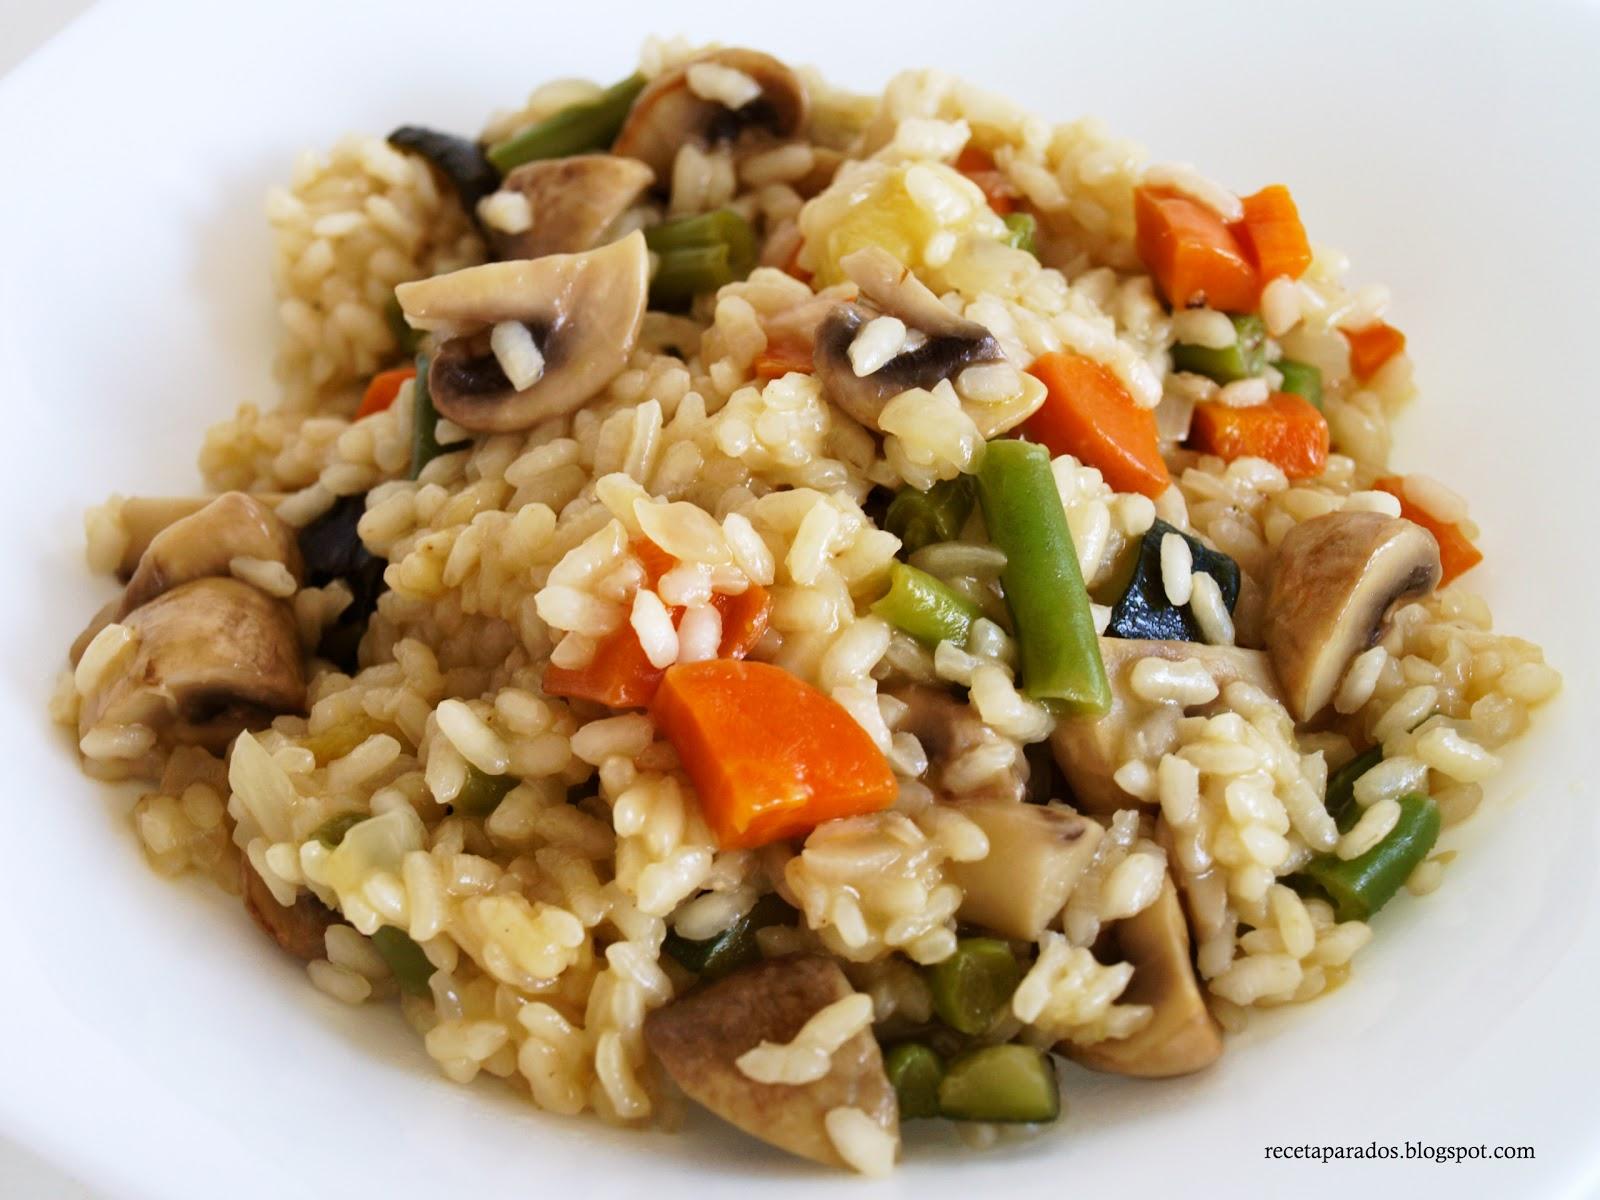 Receta para dos arroz con verduras - Arroz con pescado y verduras ...